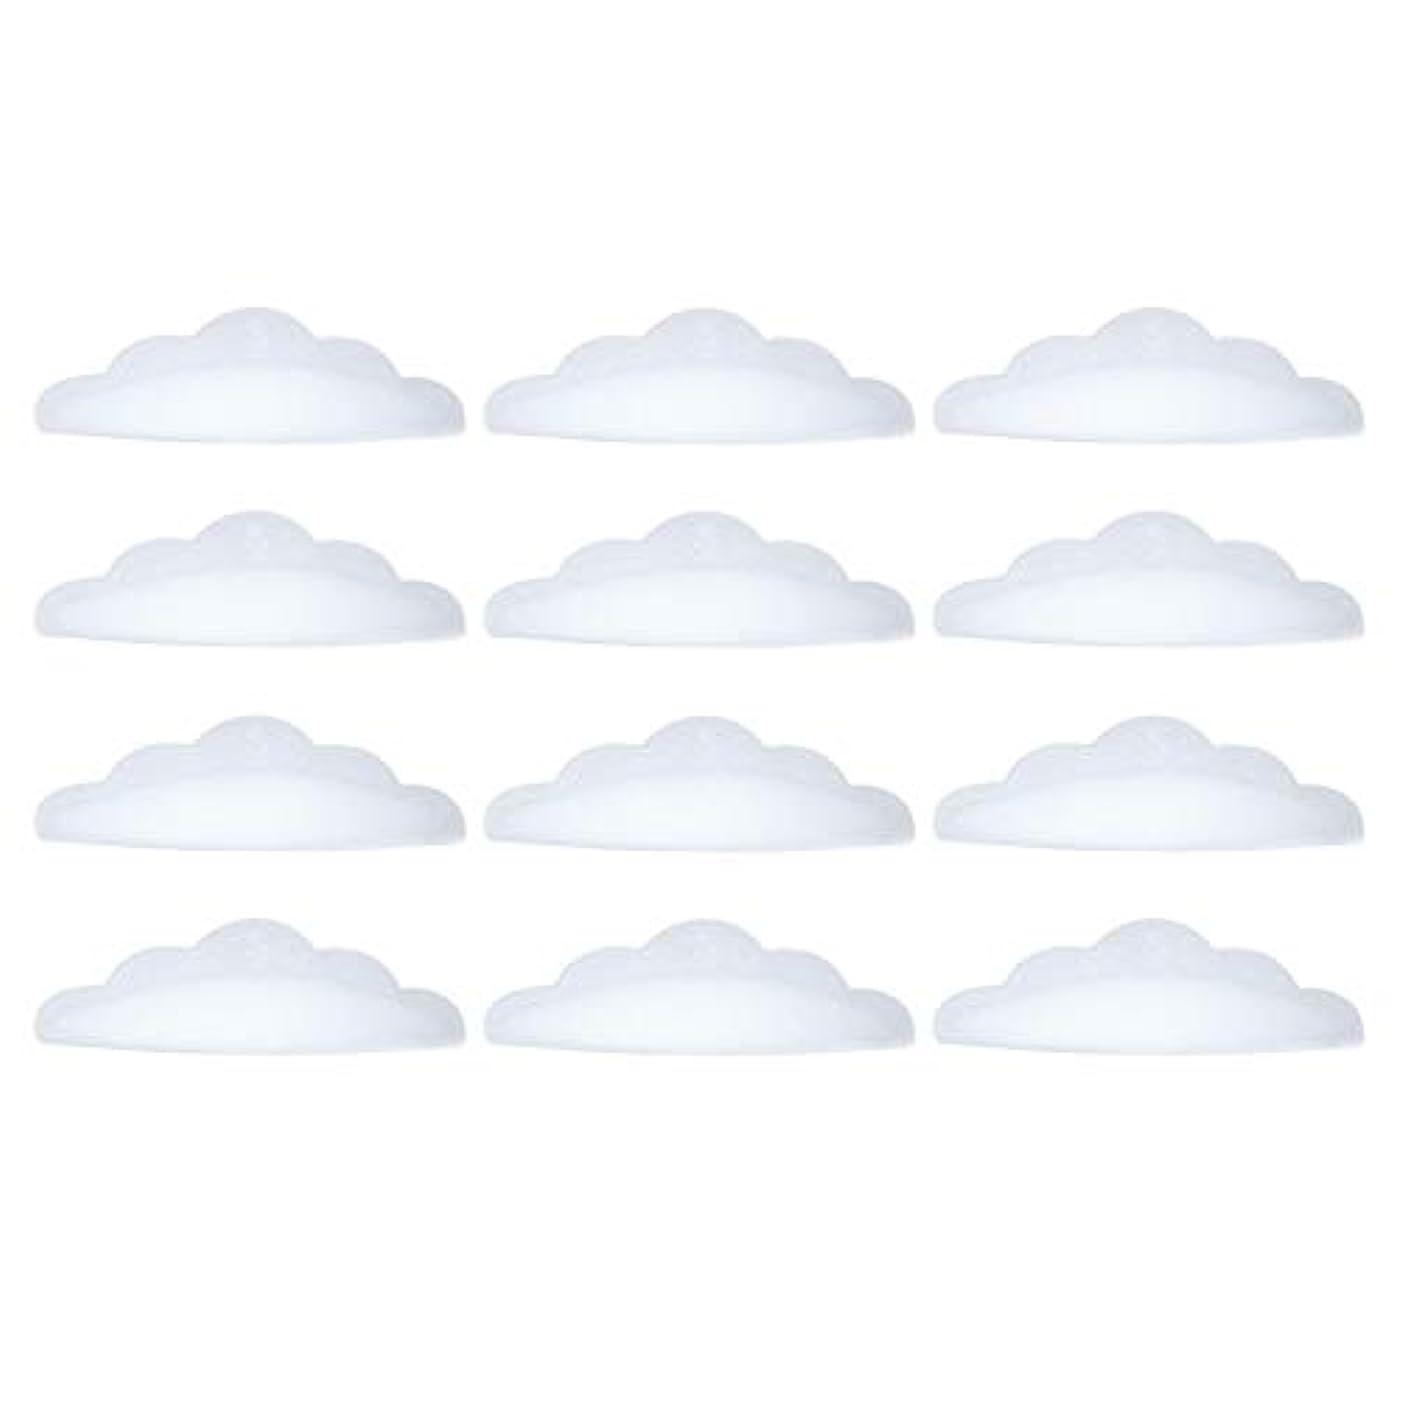 最も早い計算可能職業Migavan 9ペア シリコーンまつげパッド まつげパーマパッド防水シリコーンまつげパーマカーラーシールドパッドアイラッシュリフトホルダー